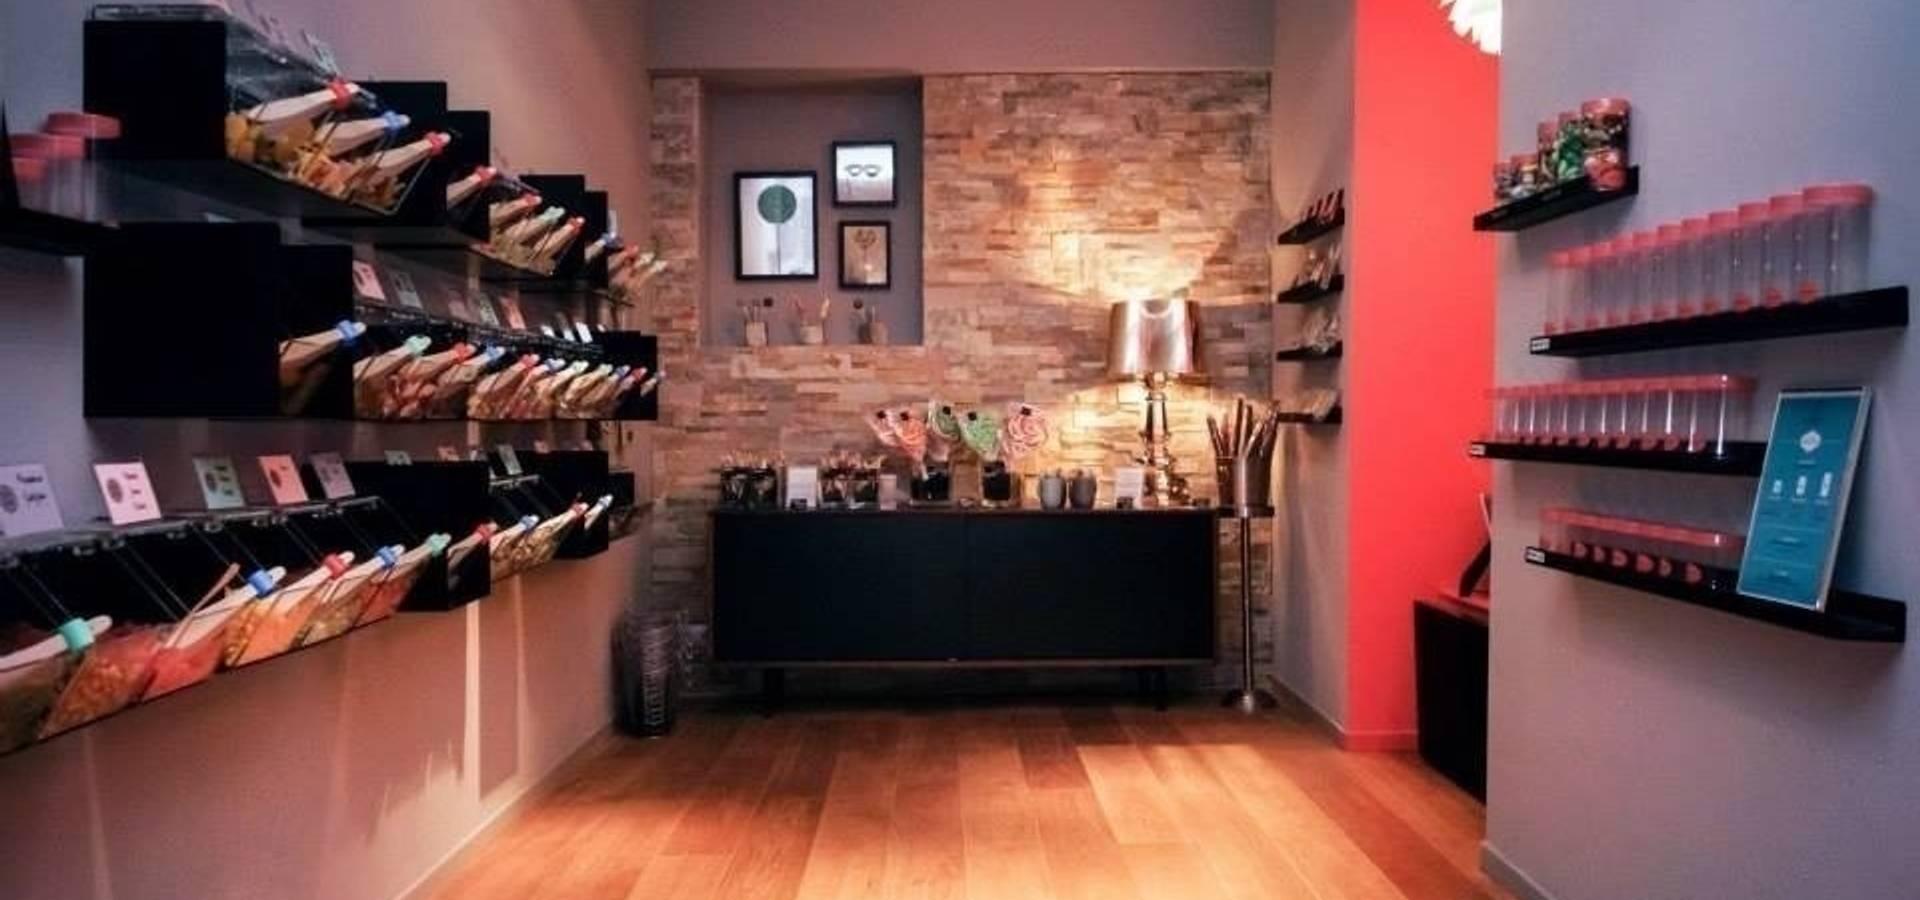 Inside Home Concept